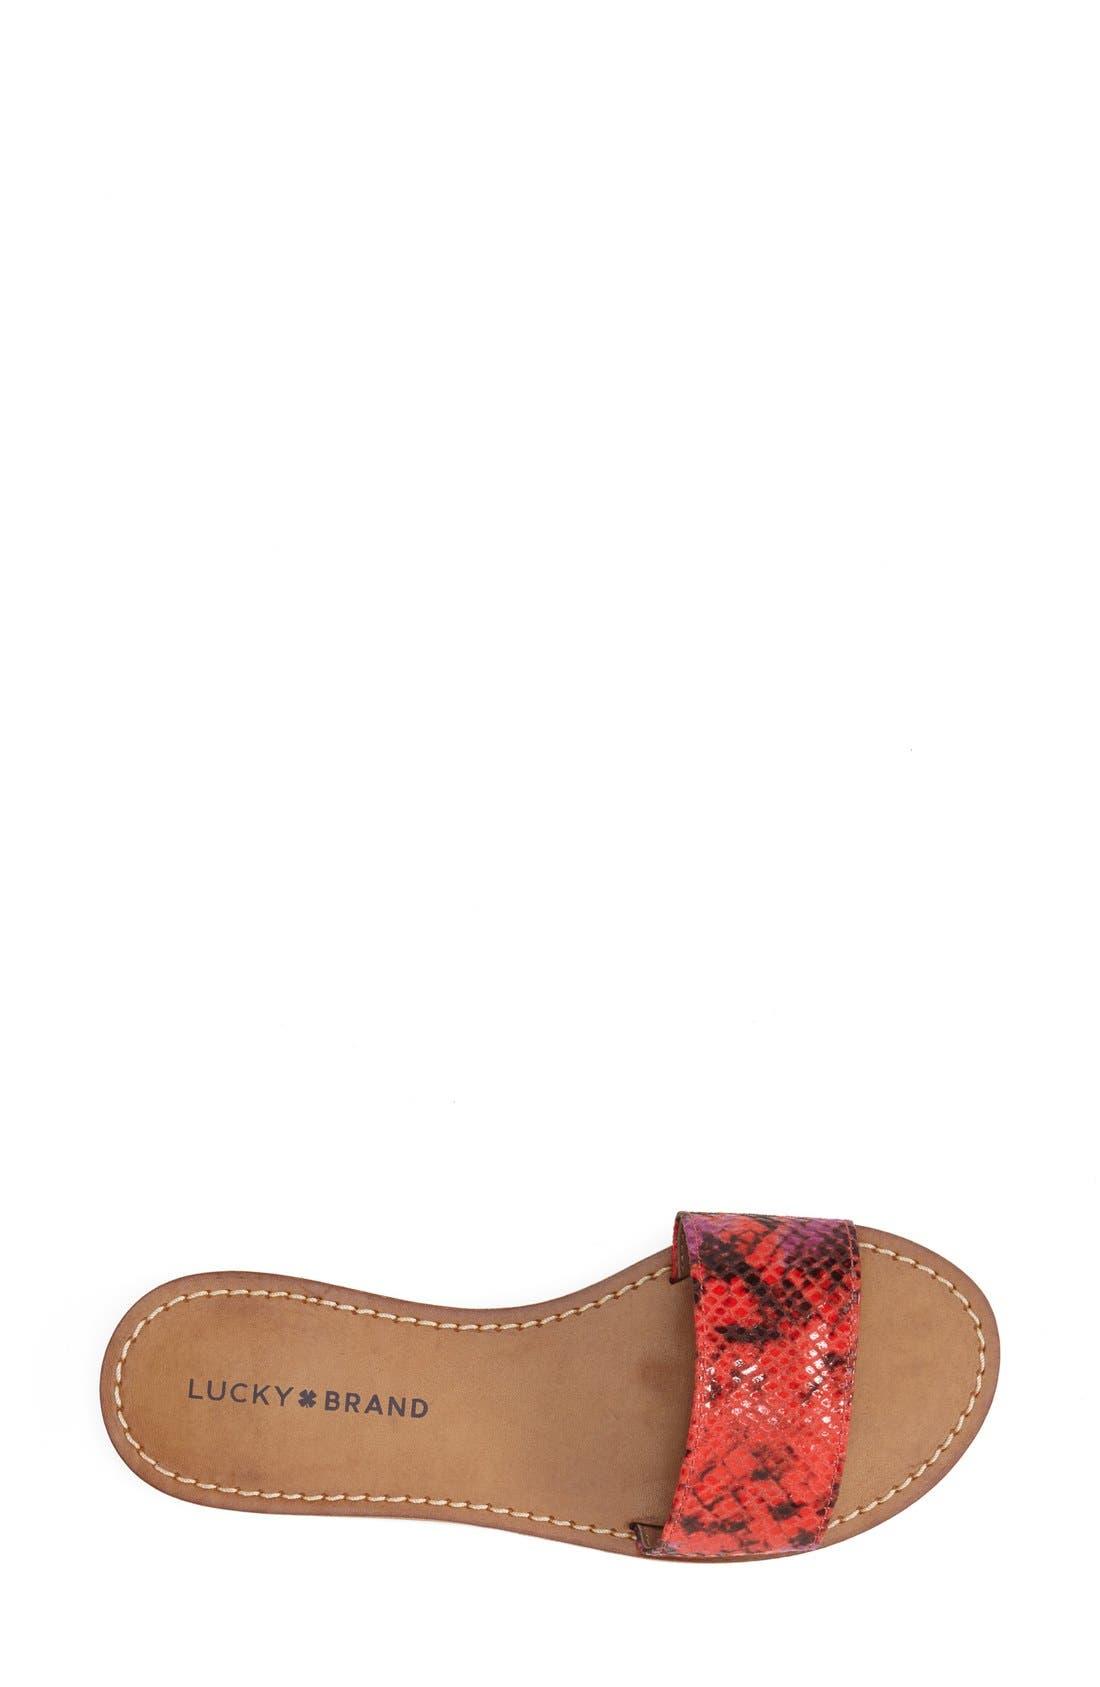 Alternate Image 3  - Lucky Brand 'Deldonna' Slide Sandal (Women)